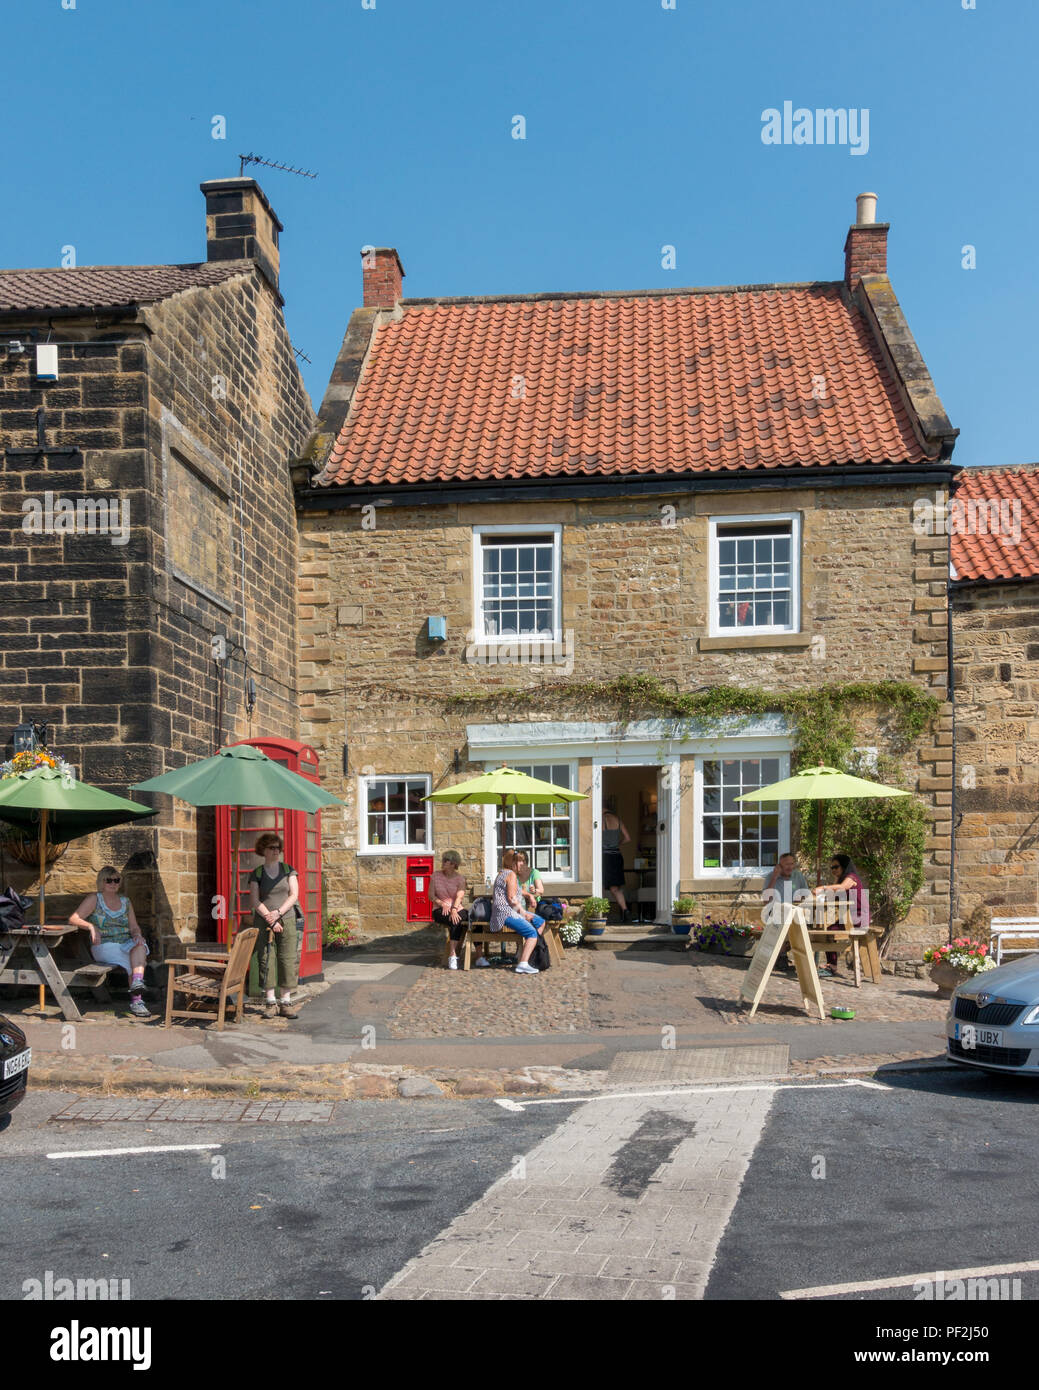 Die Leute sitzen vor dem cafe' Osmotherley Tee und Kaffee Shop' North Yorkshire Moors bei heißem Wetter Stockbild